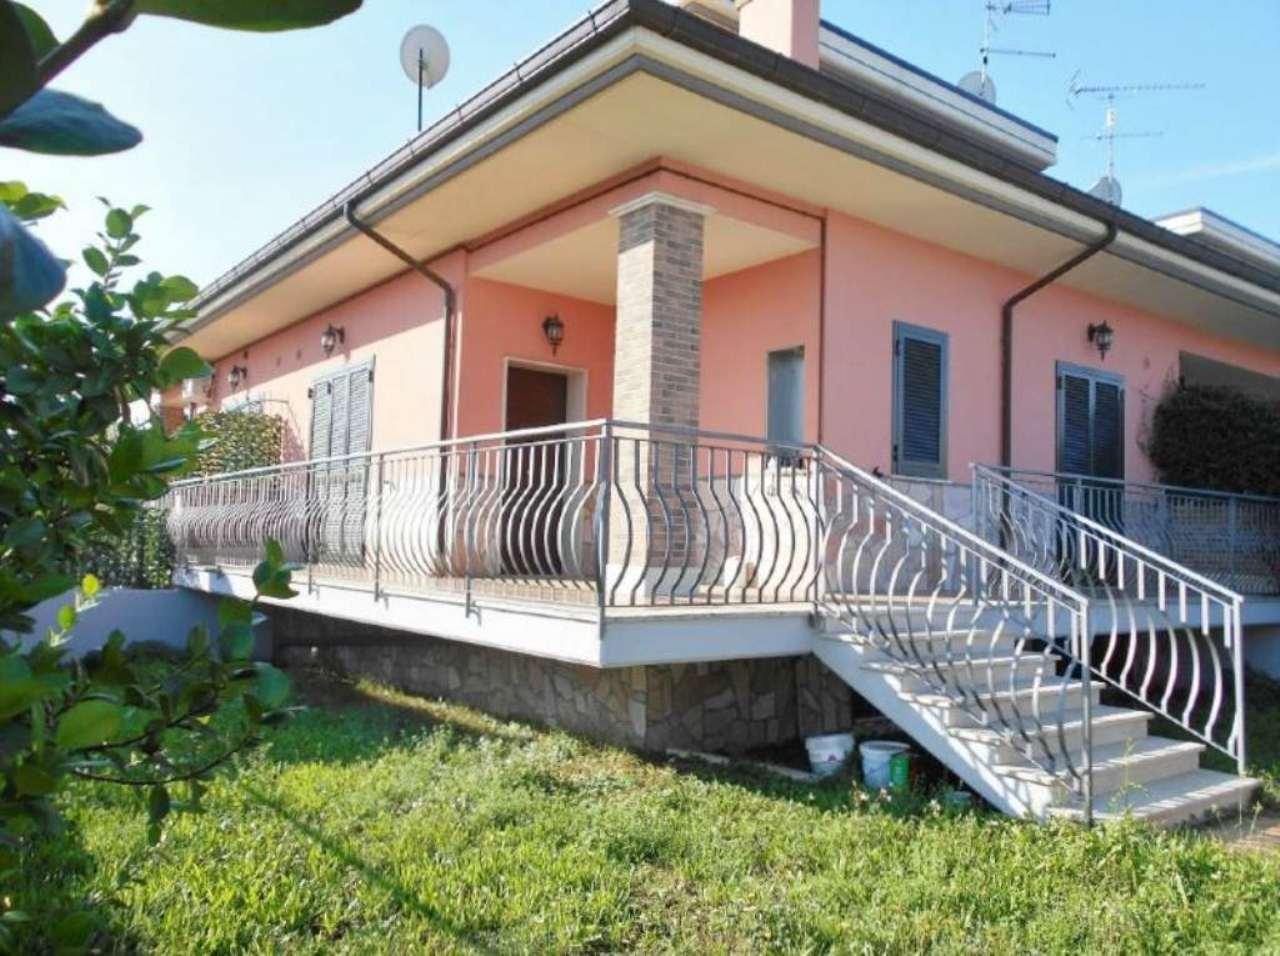 Villa in vendita a San Cesareo, 5 locali, prezzo € 219.000 | Cambio Casa.it